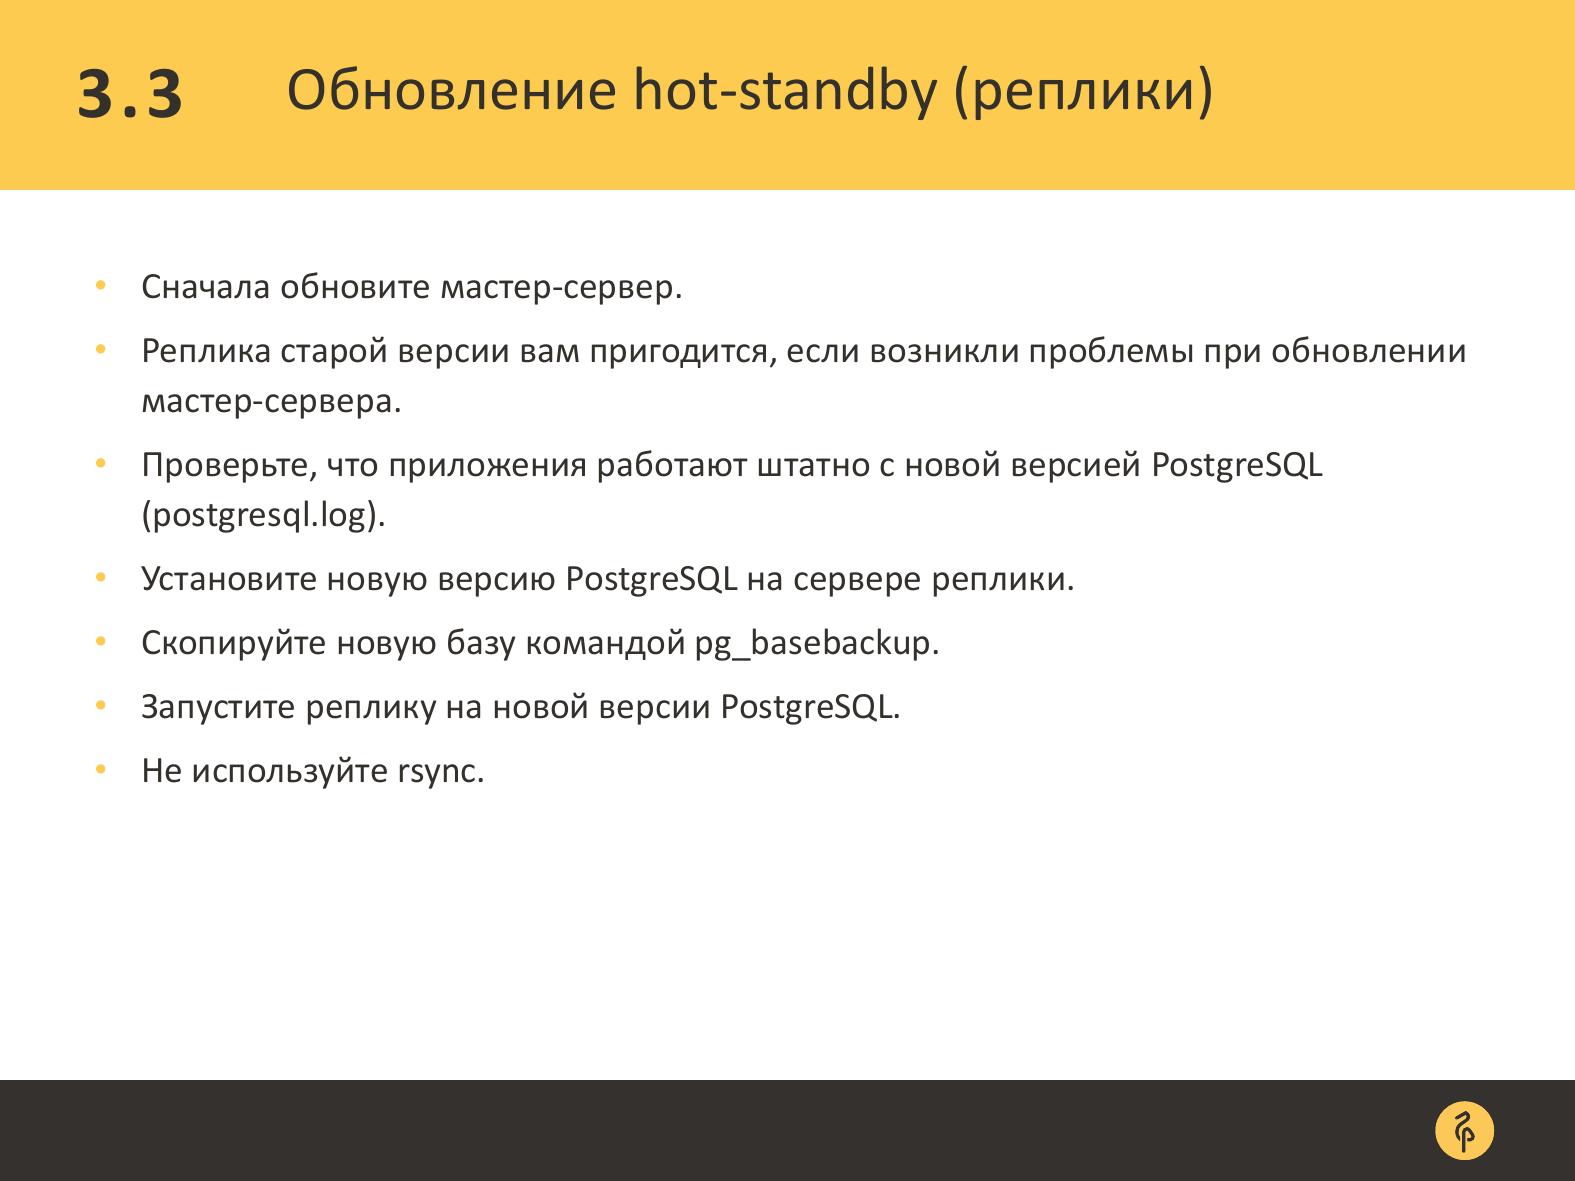 Практика обновления версий PostgreSQL. Андрей Сальников - 23